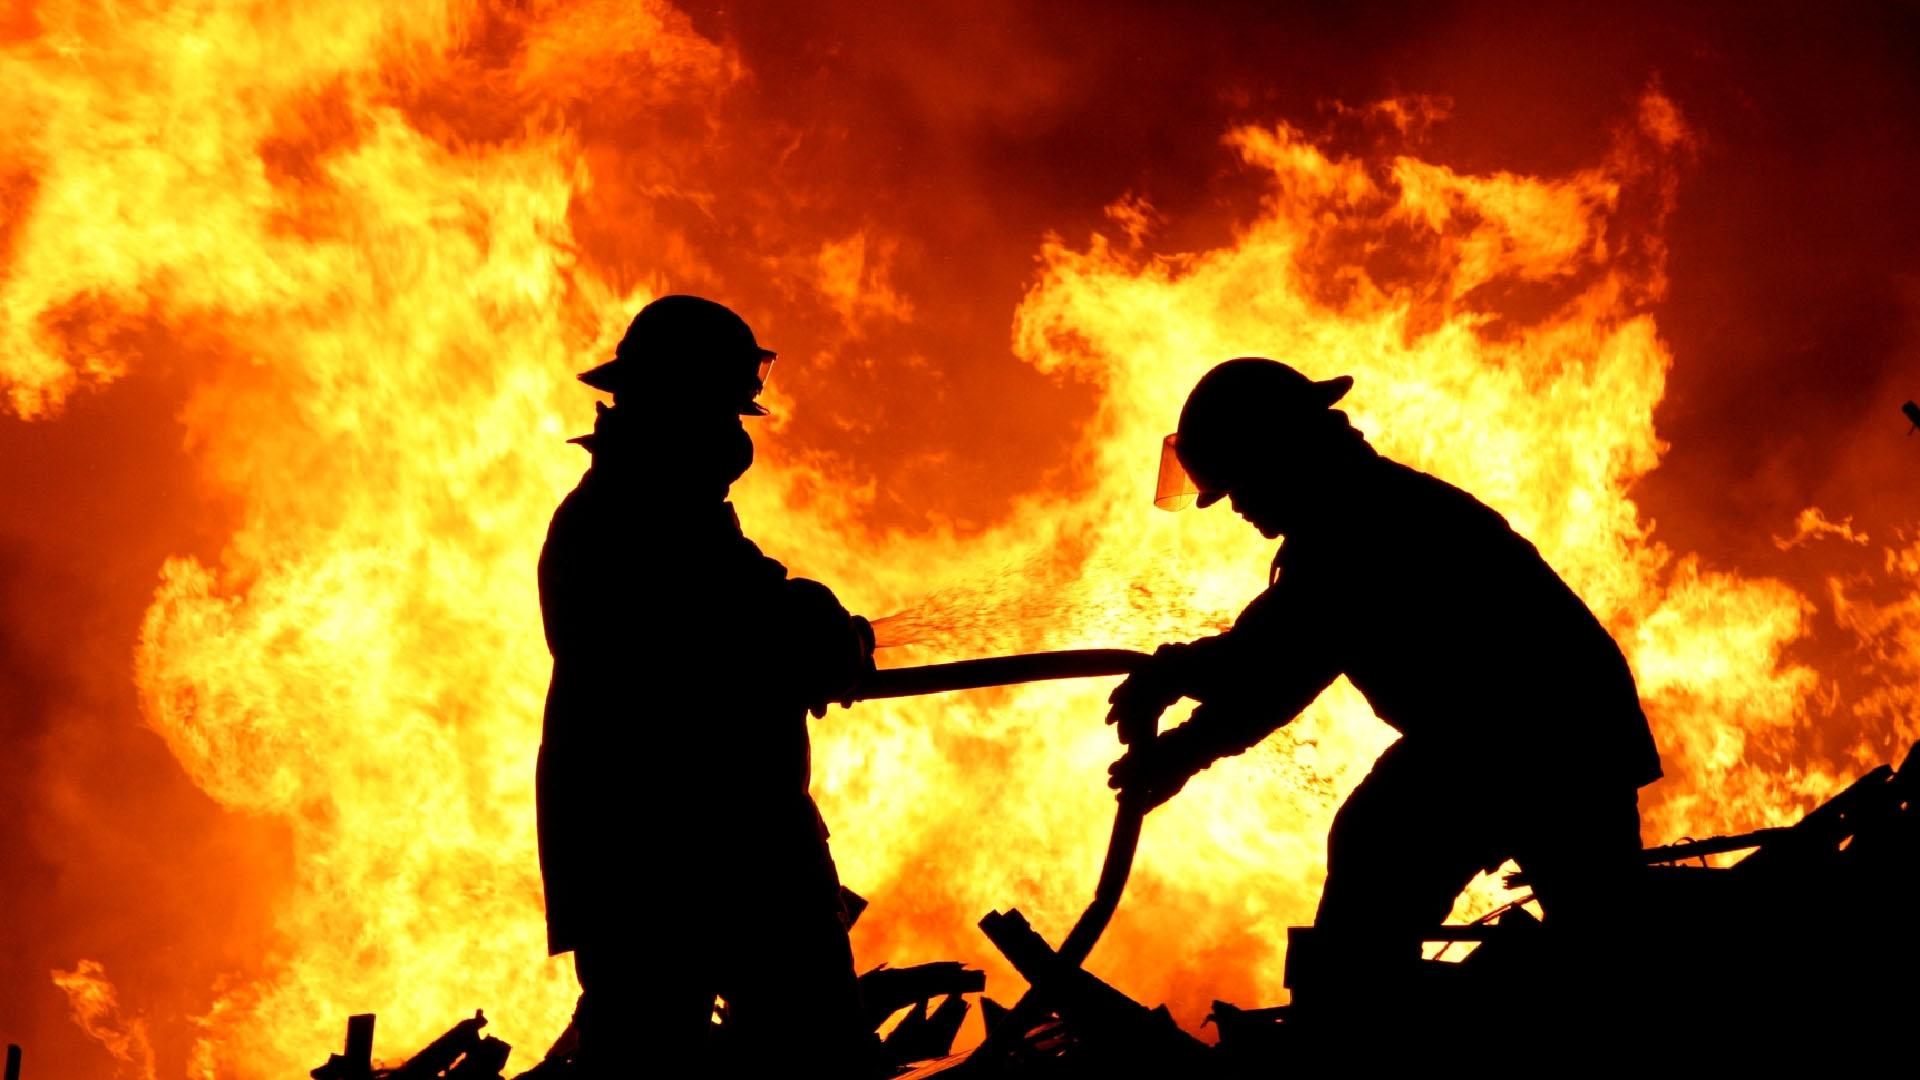 La quema fue causada por habitantes de la zona quienes estaban protestando